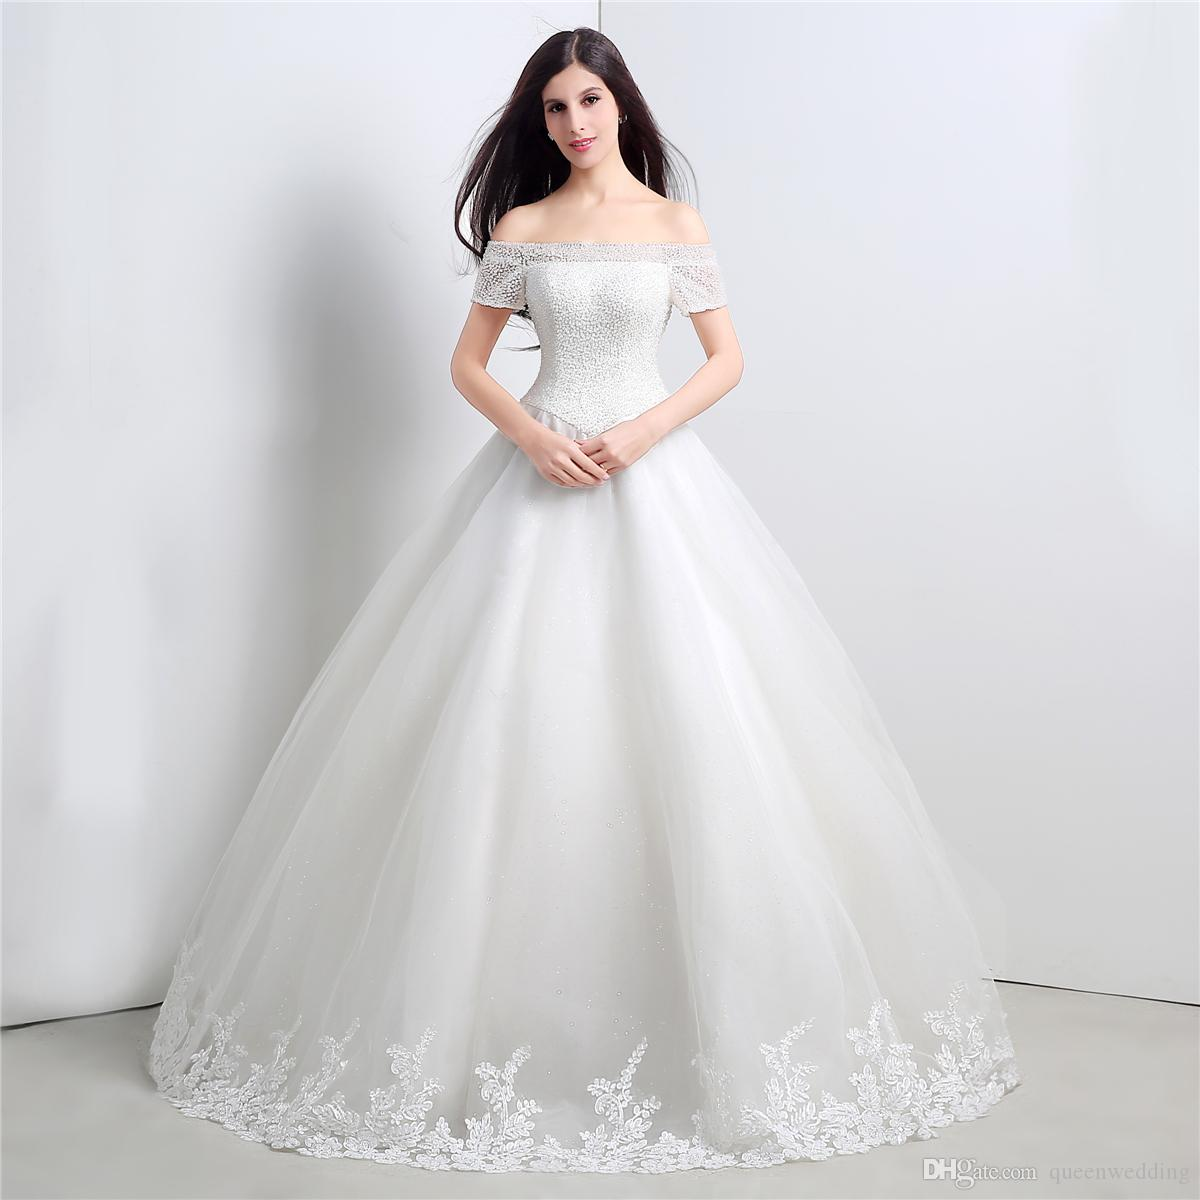 Чулки для короткого свадебного платья